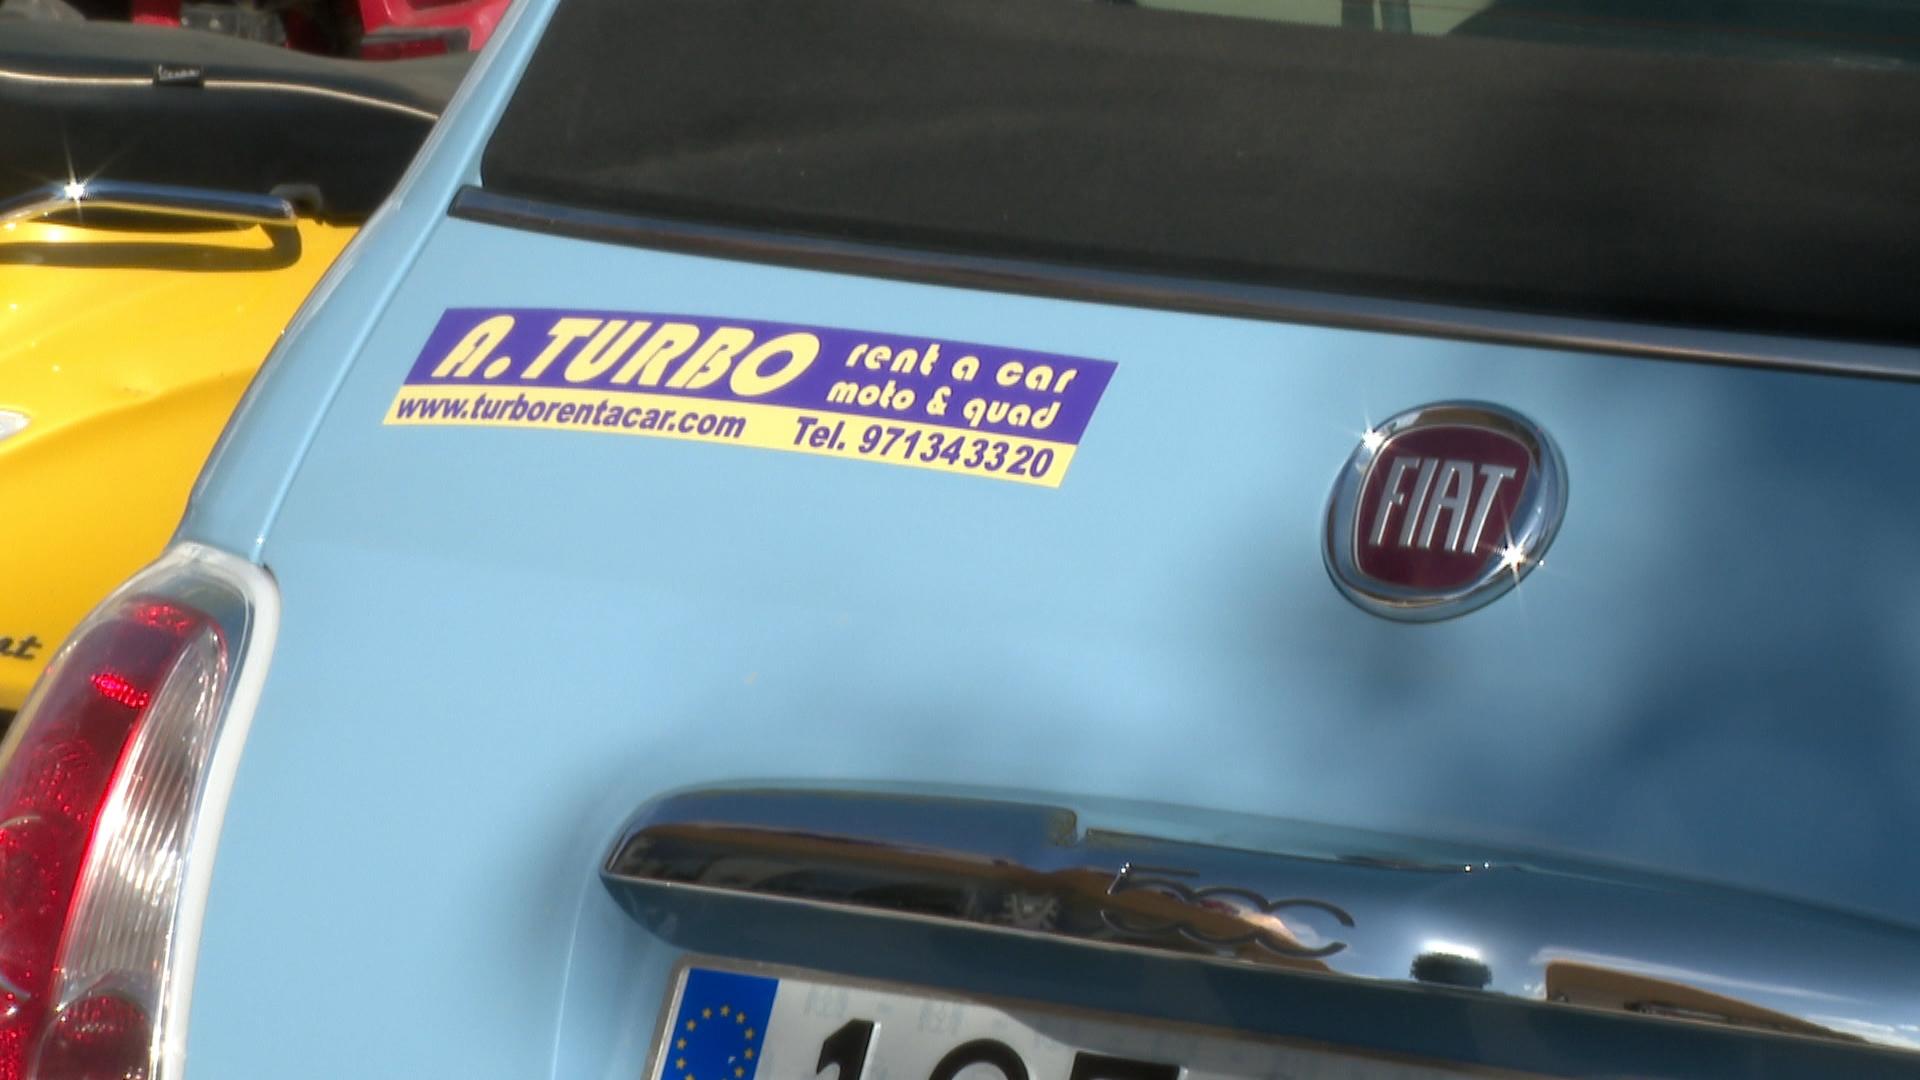 Les+empreses+de+lloguer+de+vehicles+intenten+remuntar